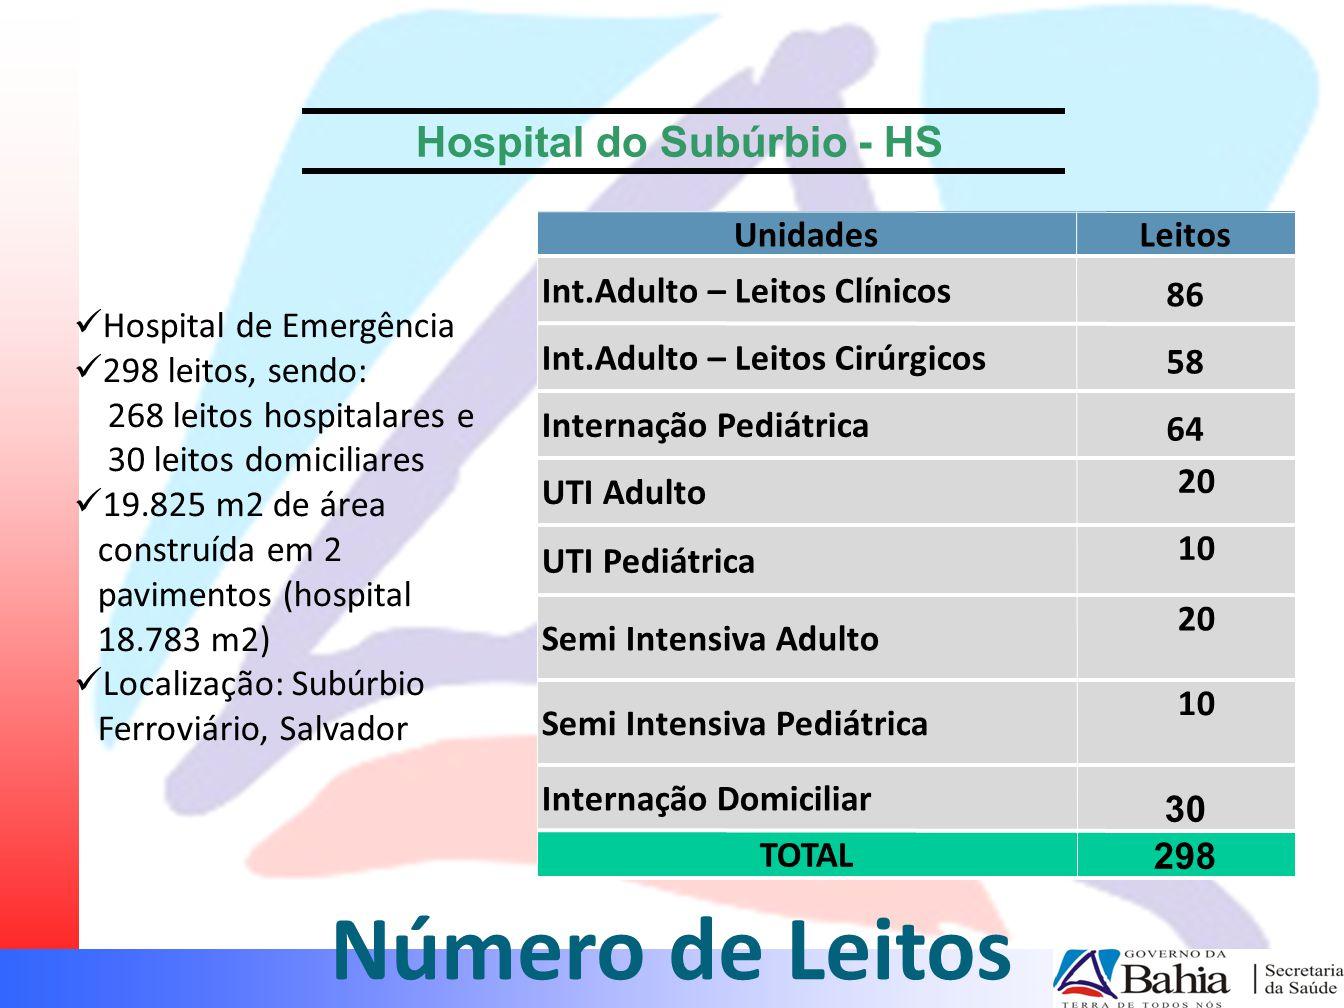 Número de Leitos UnidadesLeitos Int.Adulto – Leitos Clínicos 86 Int.Adulto – Leitos Cirúrgicos 58 Internação Pediátrica 64 UTI Adulto 20 UTI Pediátric